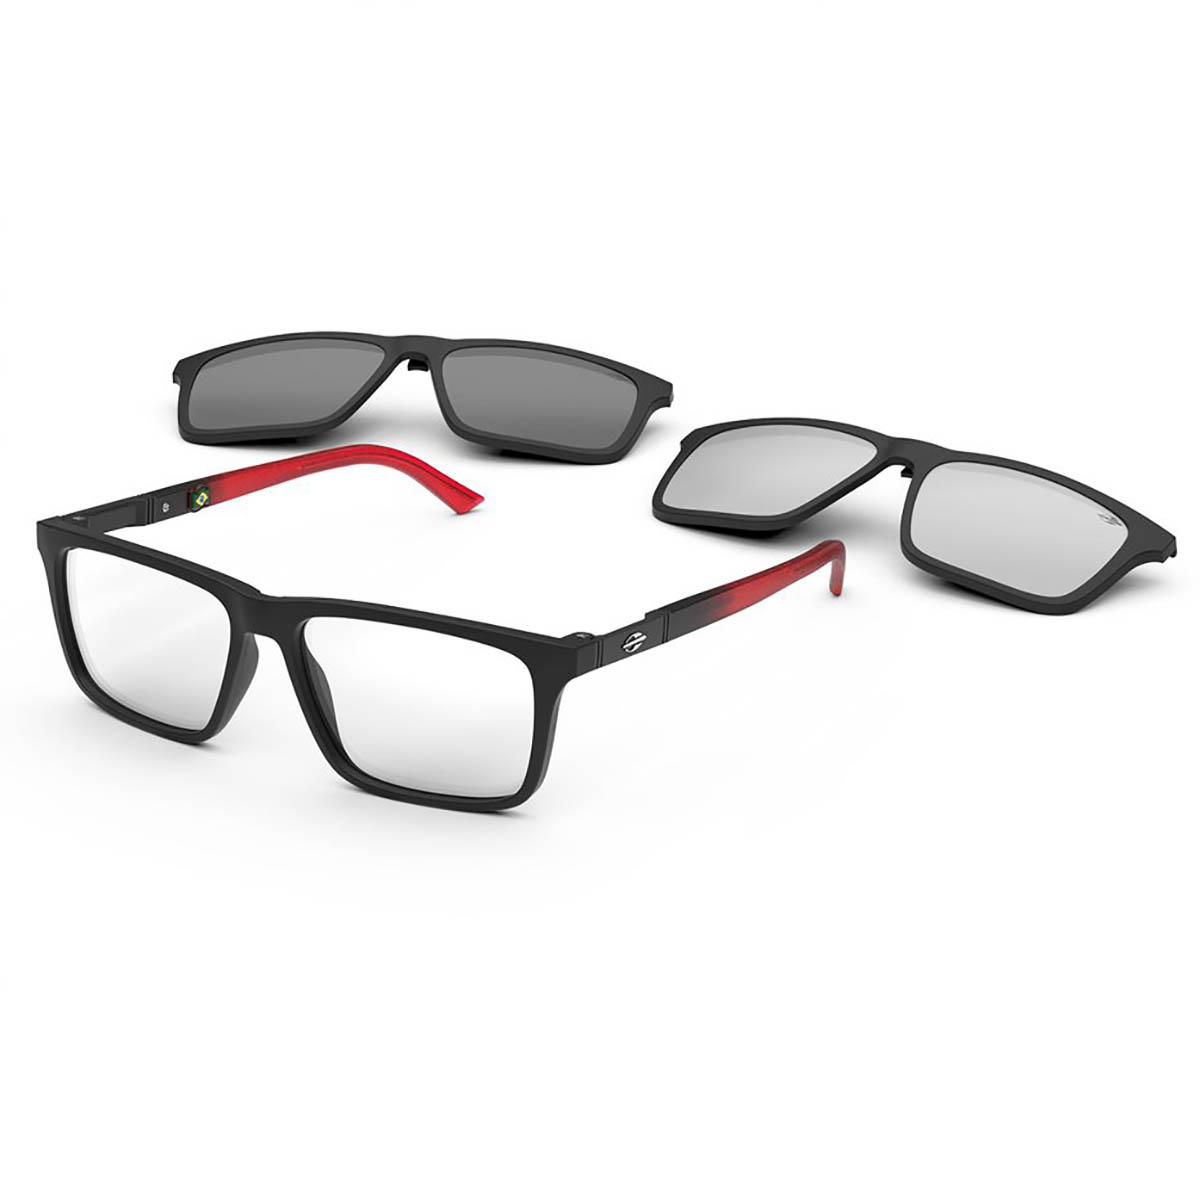 Óculos de Grau Mormaii Clipon M6112 Swap 4 Preto Fosco e Vermelho